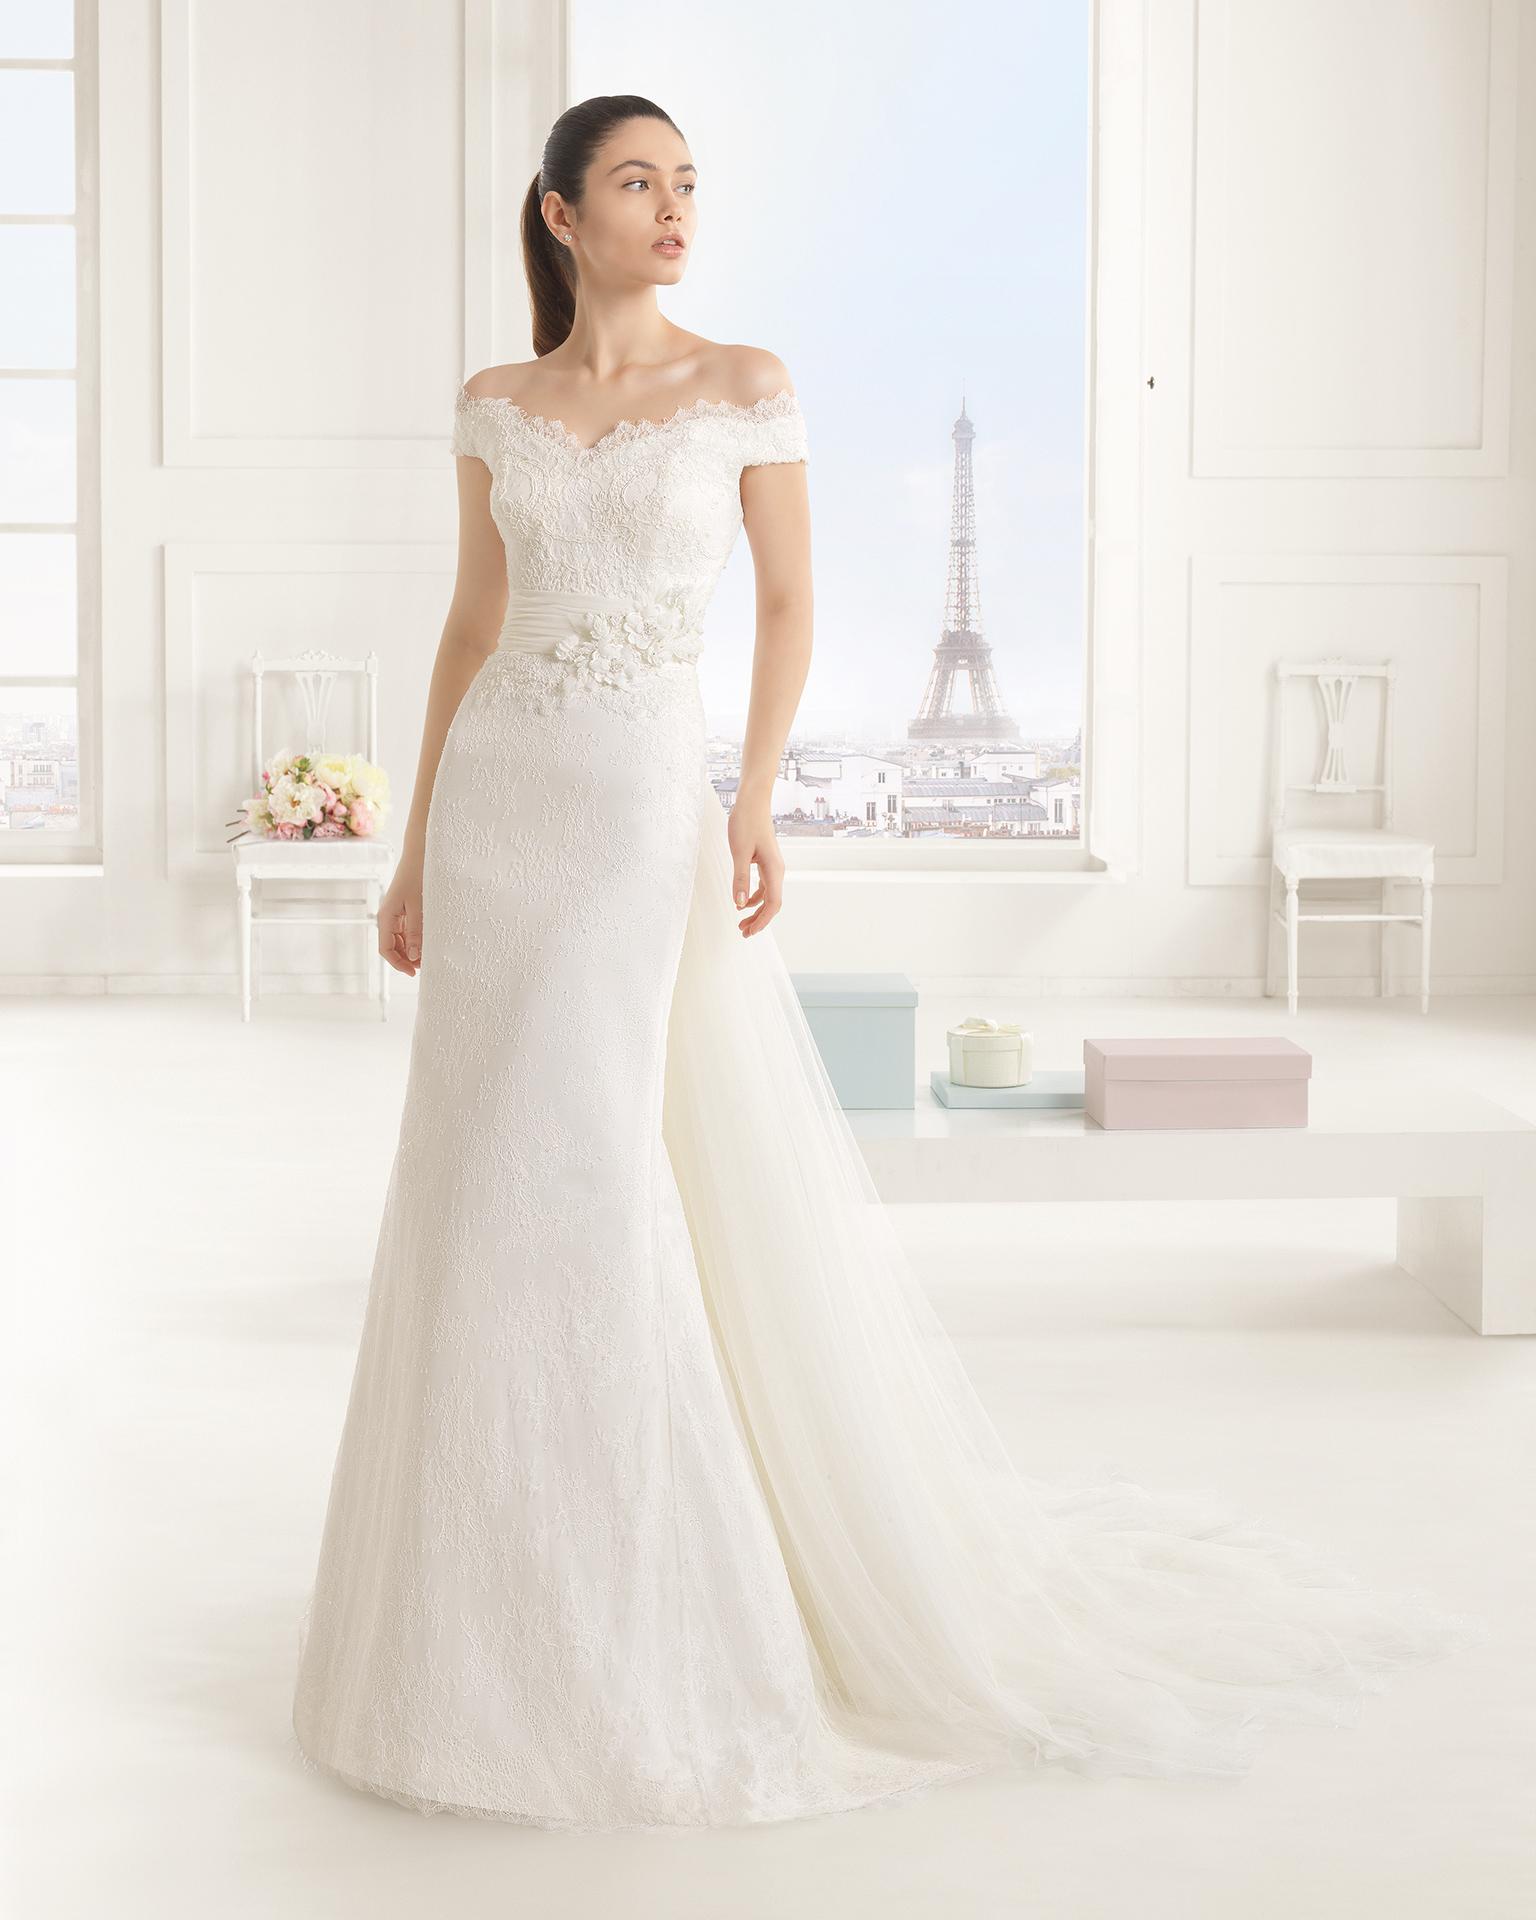 Euforia (40, dress+train/кружево/бисер, natural) Свадебное платье Rosa Clara в Одессе. Свадебный салон Скоро Свадьба.